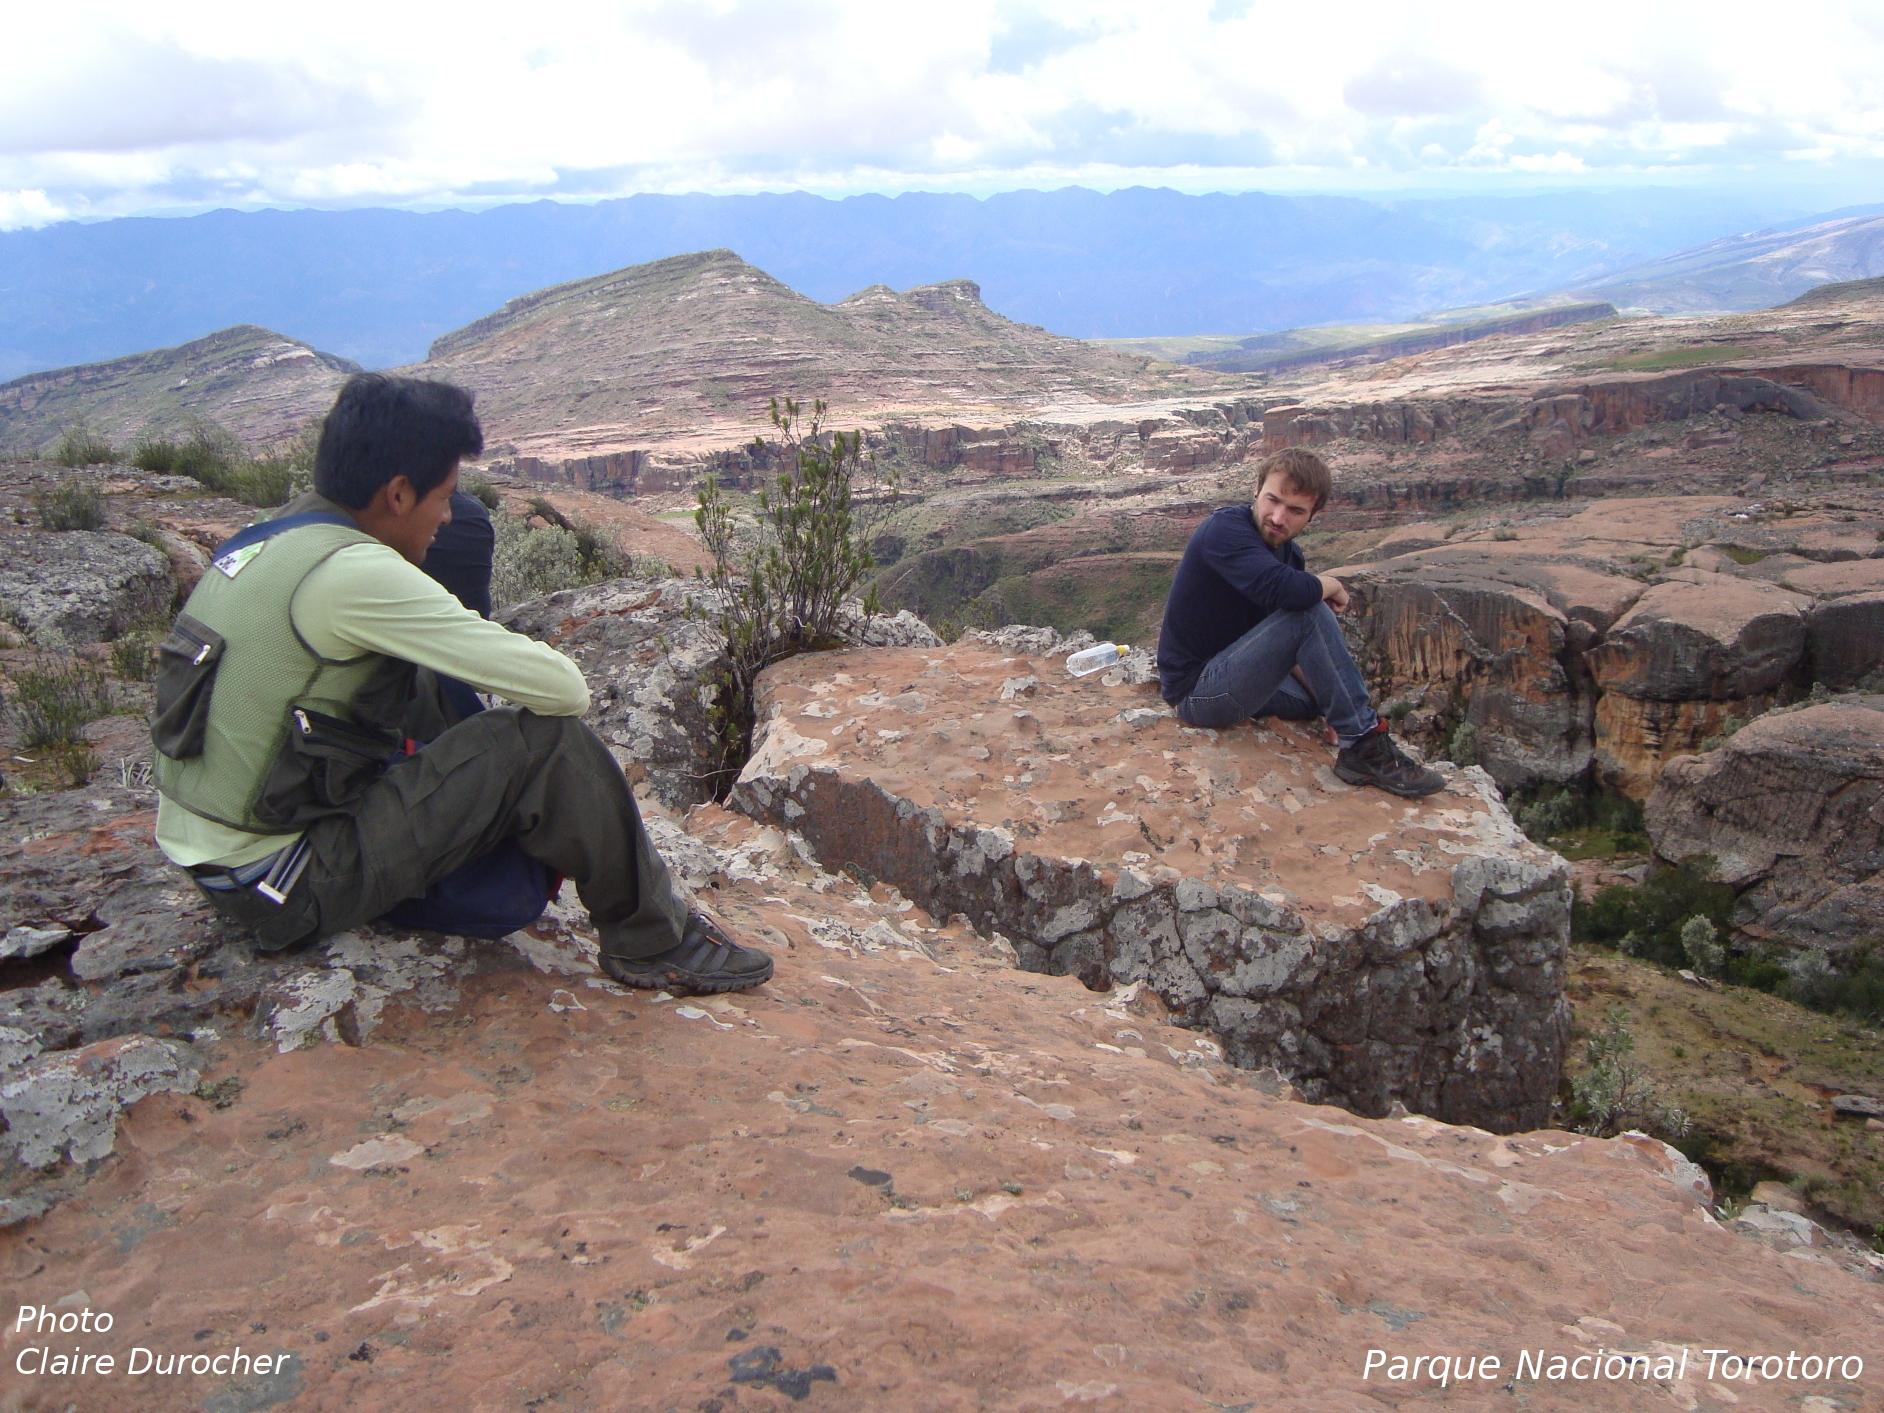 Deux hommes discutent dans un paysage lunaire